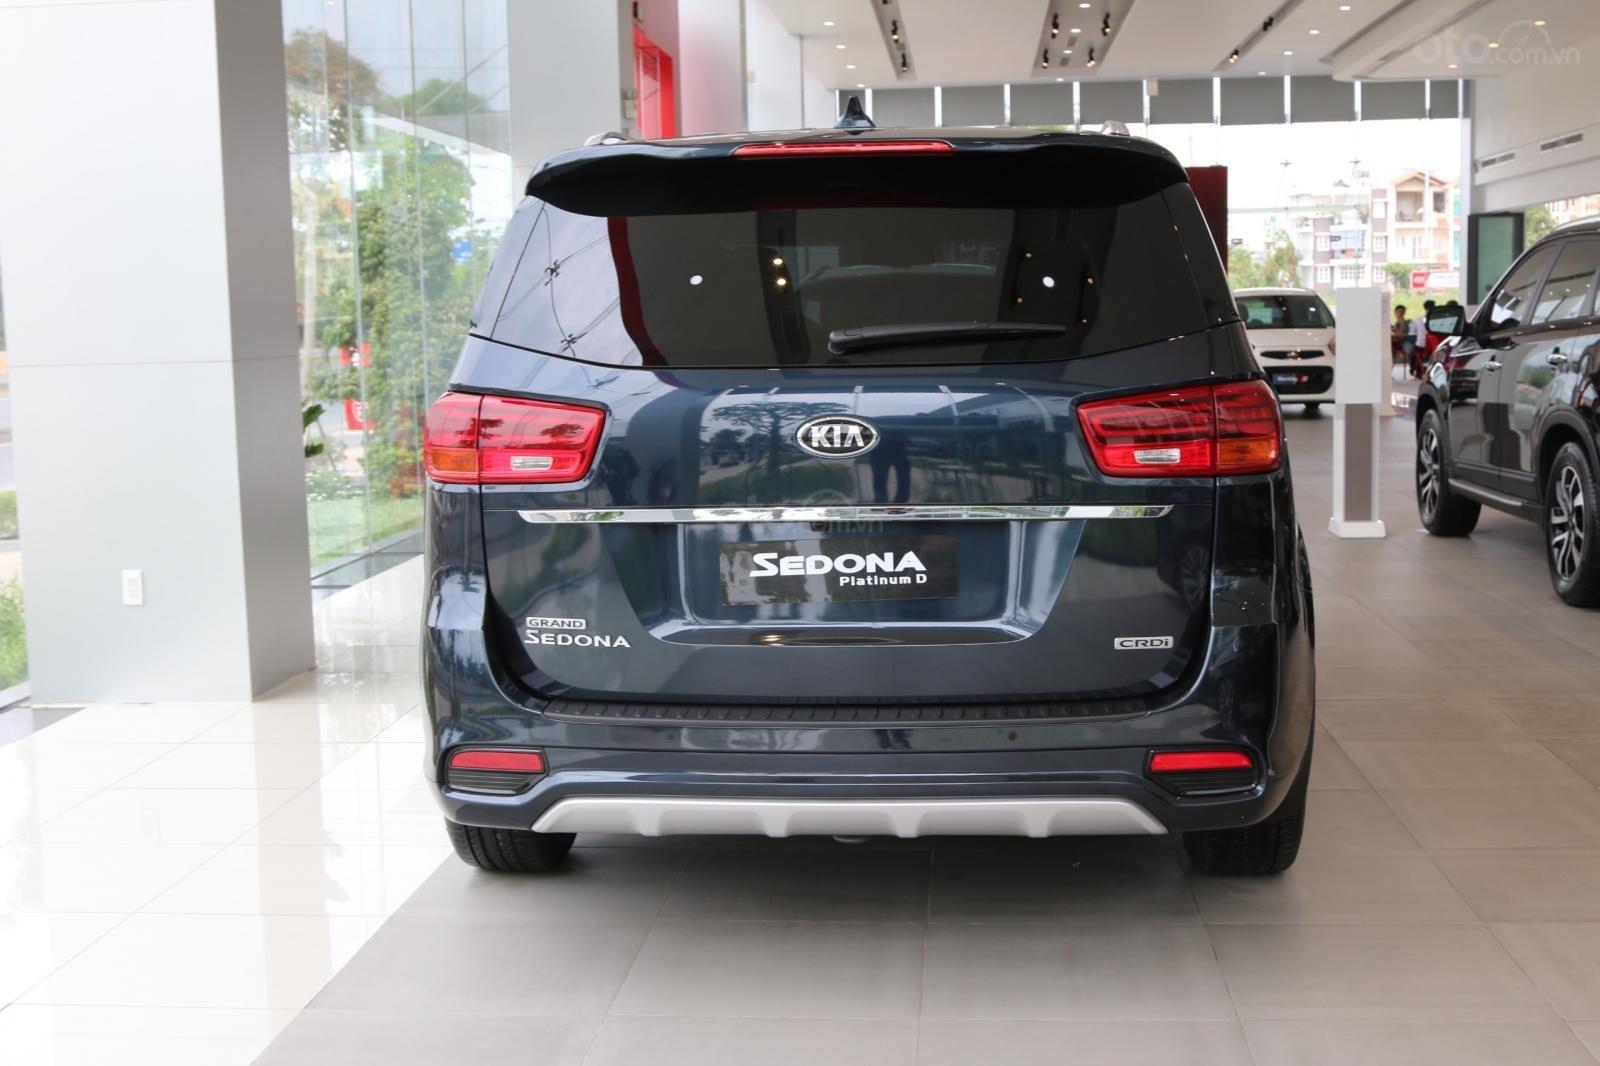 Kia Sedona - giảm giá tiền mặt / tặng bảo hiểm + camera hành trình - liên hệ PKD Kia Bình Tân 093 317 0660 (3)